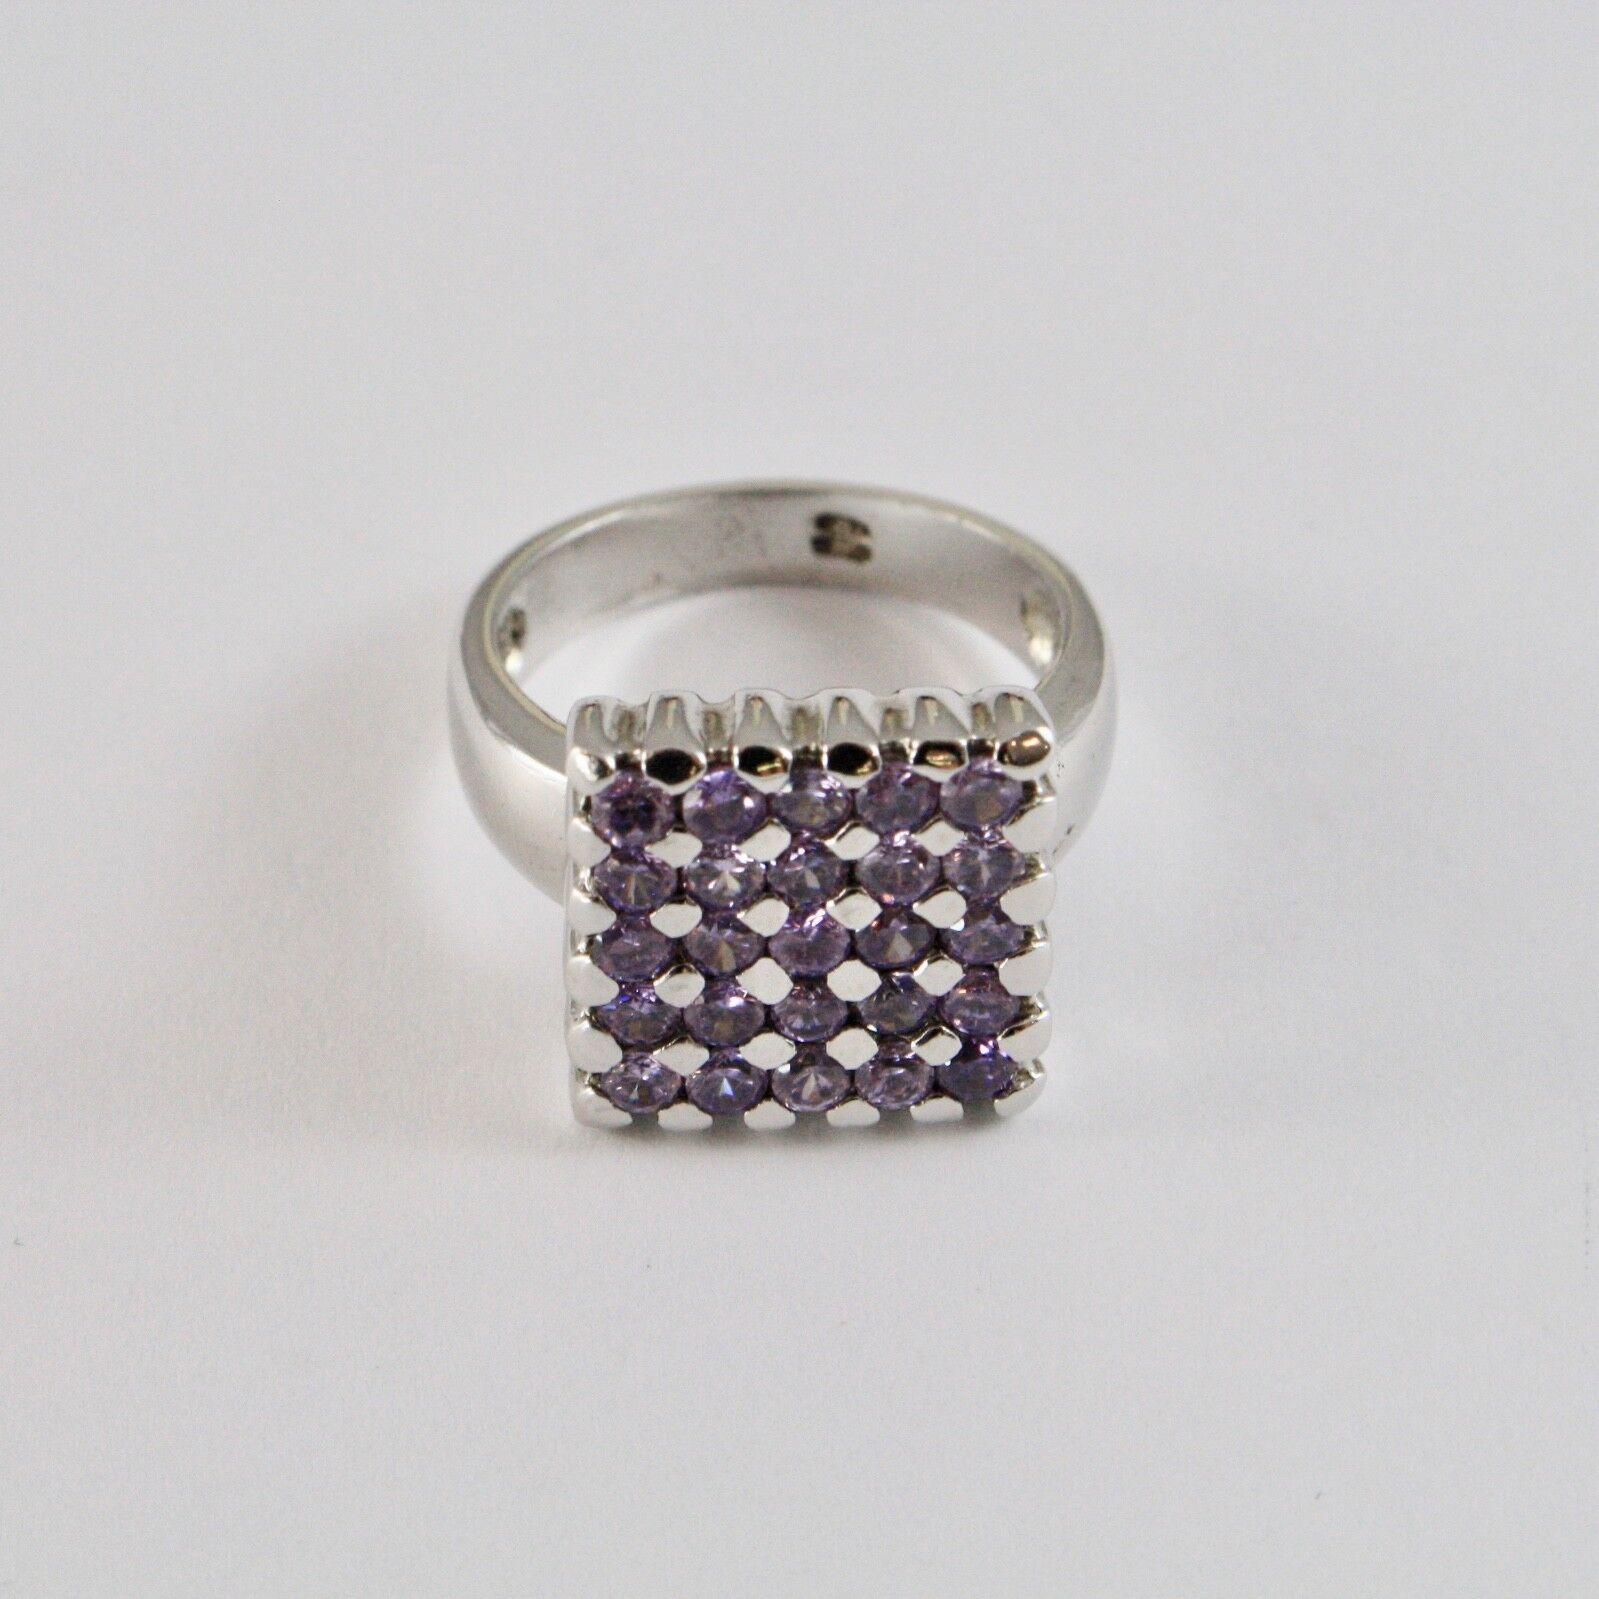 925 silver RING RHODIUM MIT QUADRAT MIT KRISTALLEN purple TRIMMEN RUND